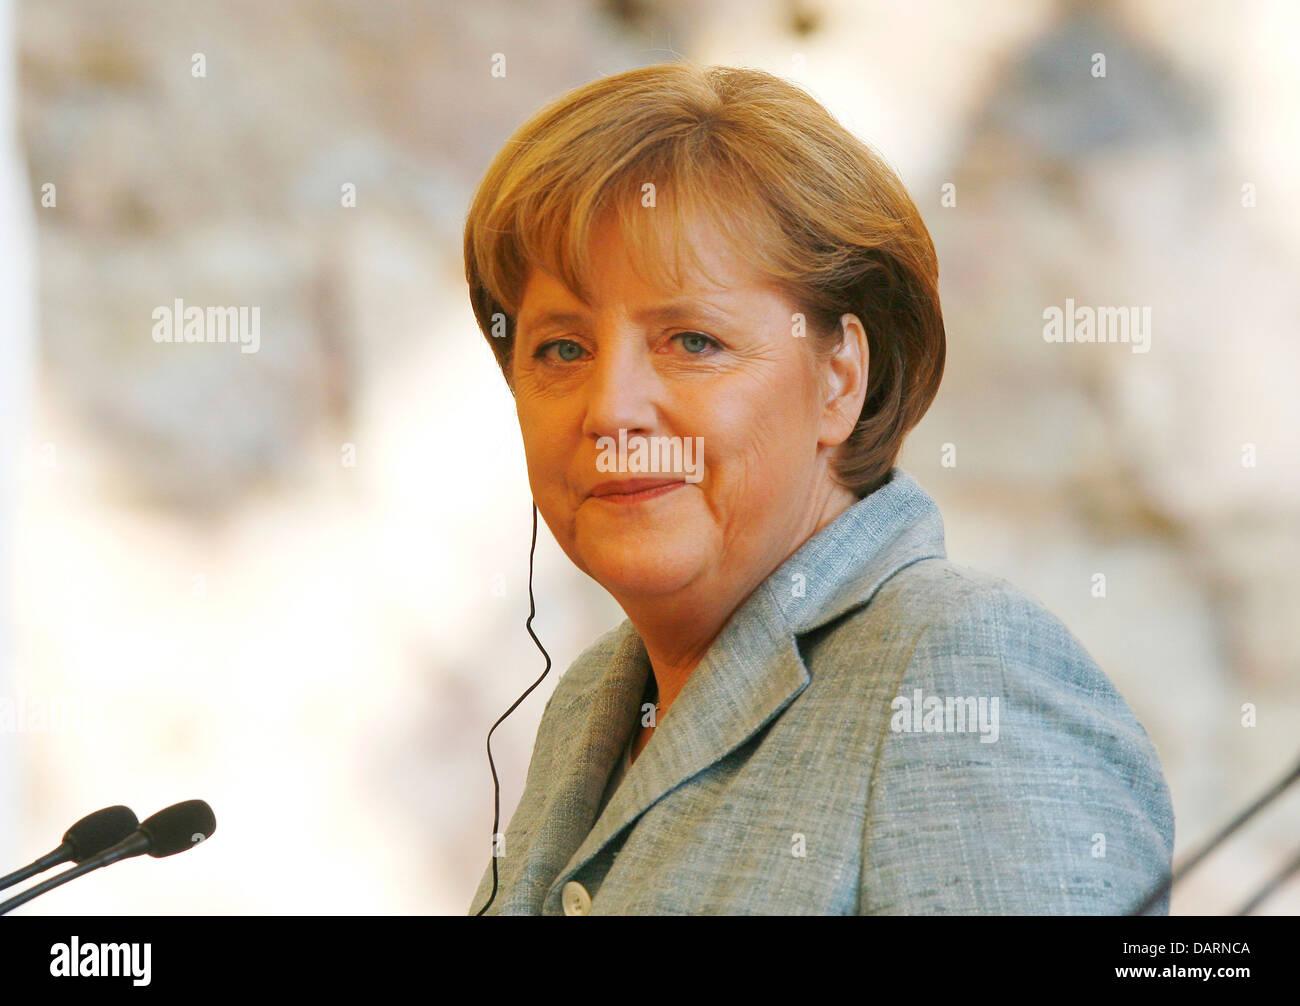 Angela Merkel, la chancelière allemande, vu lors d'une conférence de presse pendant une Hispano-German Photo Stock